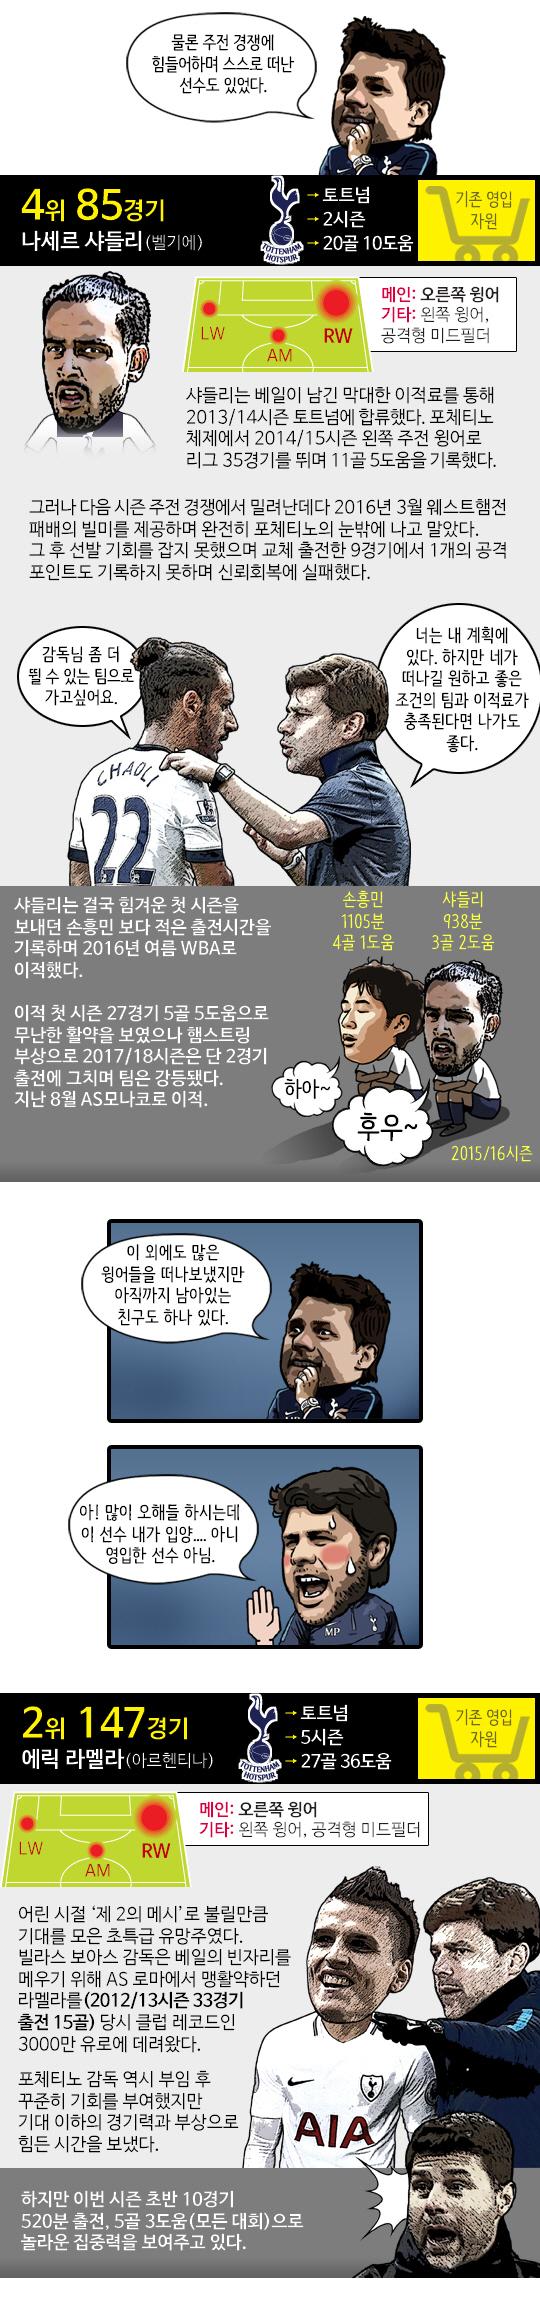 [축구.jpg] 포체티노가 사랑한 윙어들 & 손흥민<2부>